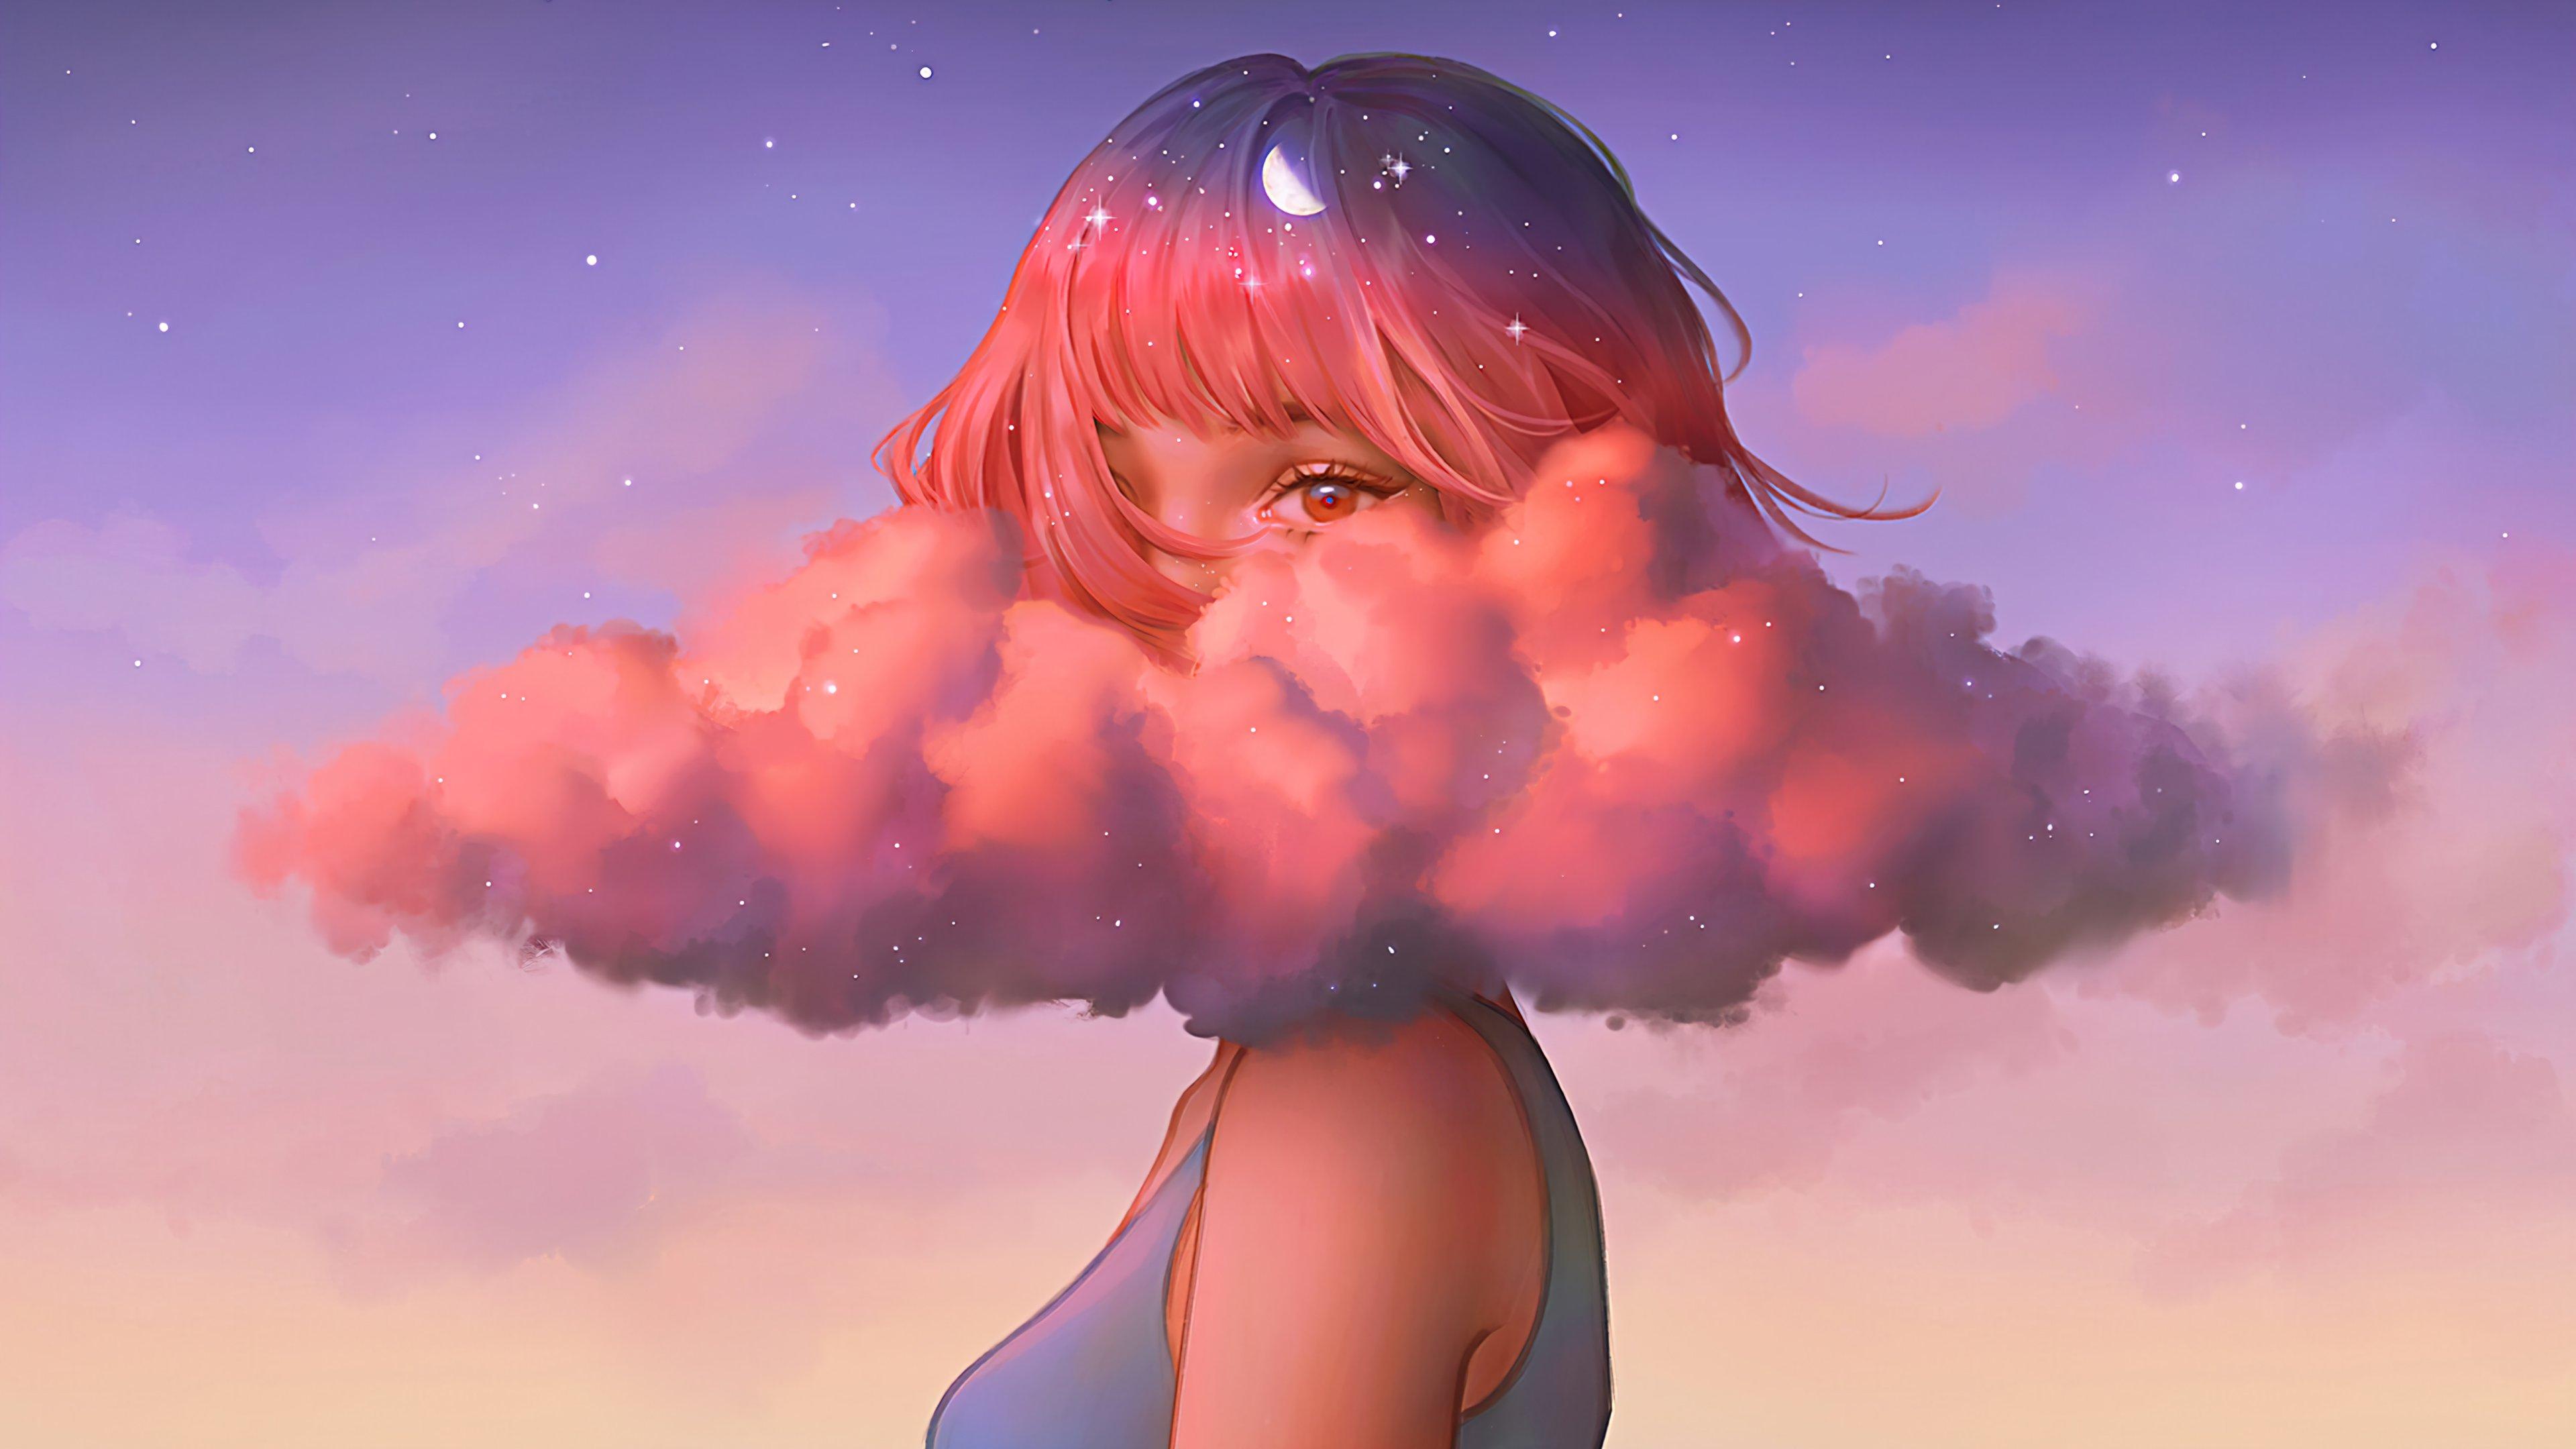 Fondos de pantalla Chica cubierta de nubes